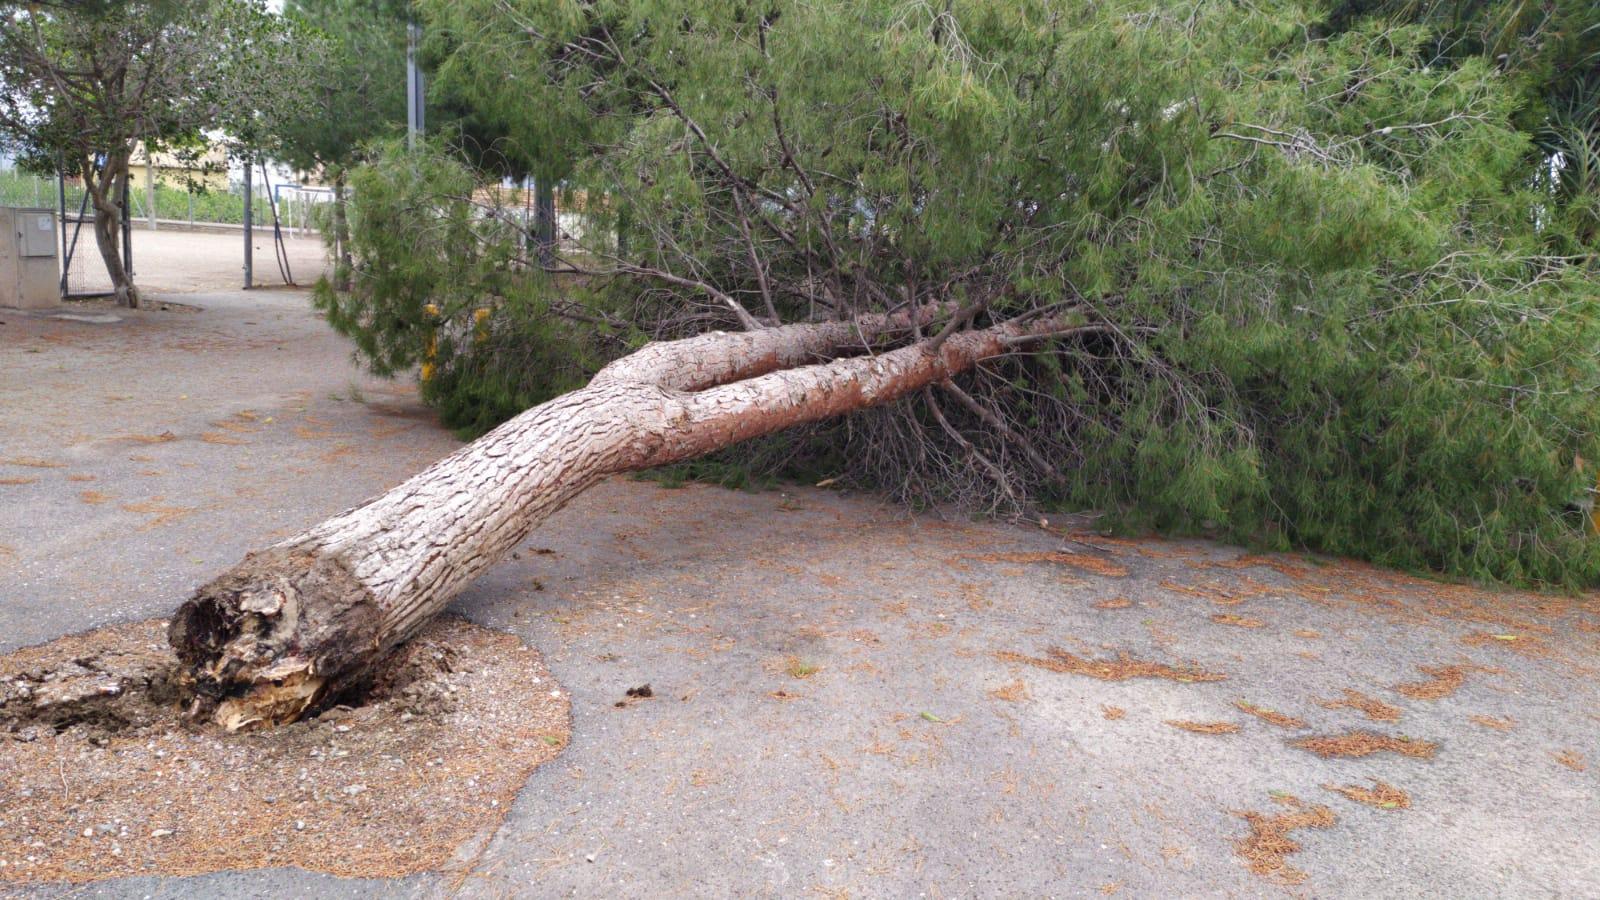 El PSOE solicita la revisión del arbolado en los espacios públicos de Lorca tras el reciente temporal de lluvias y viento